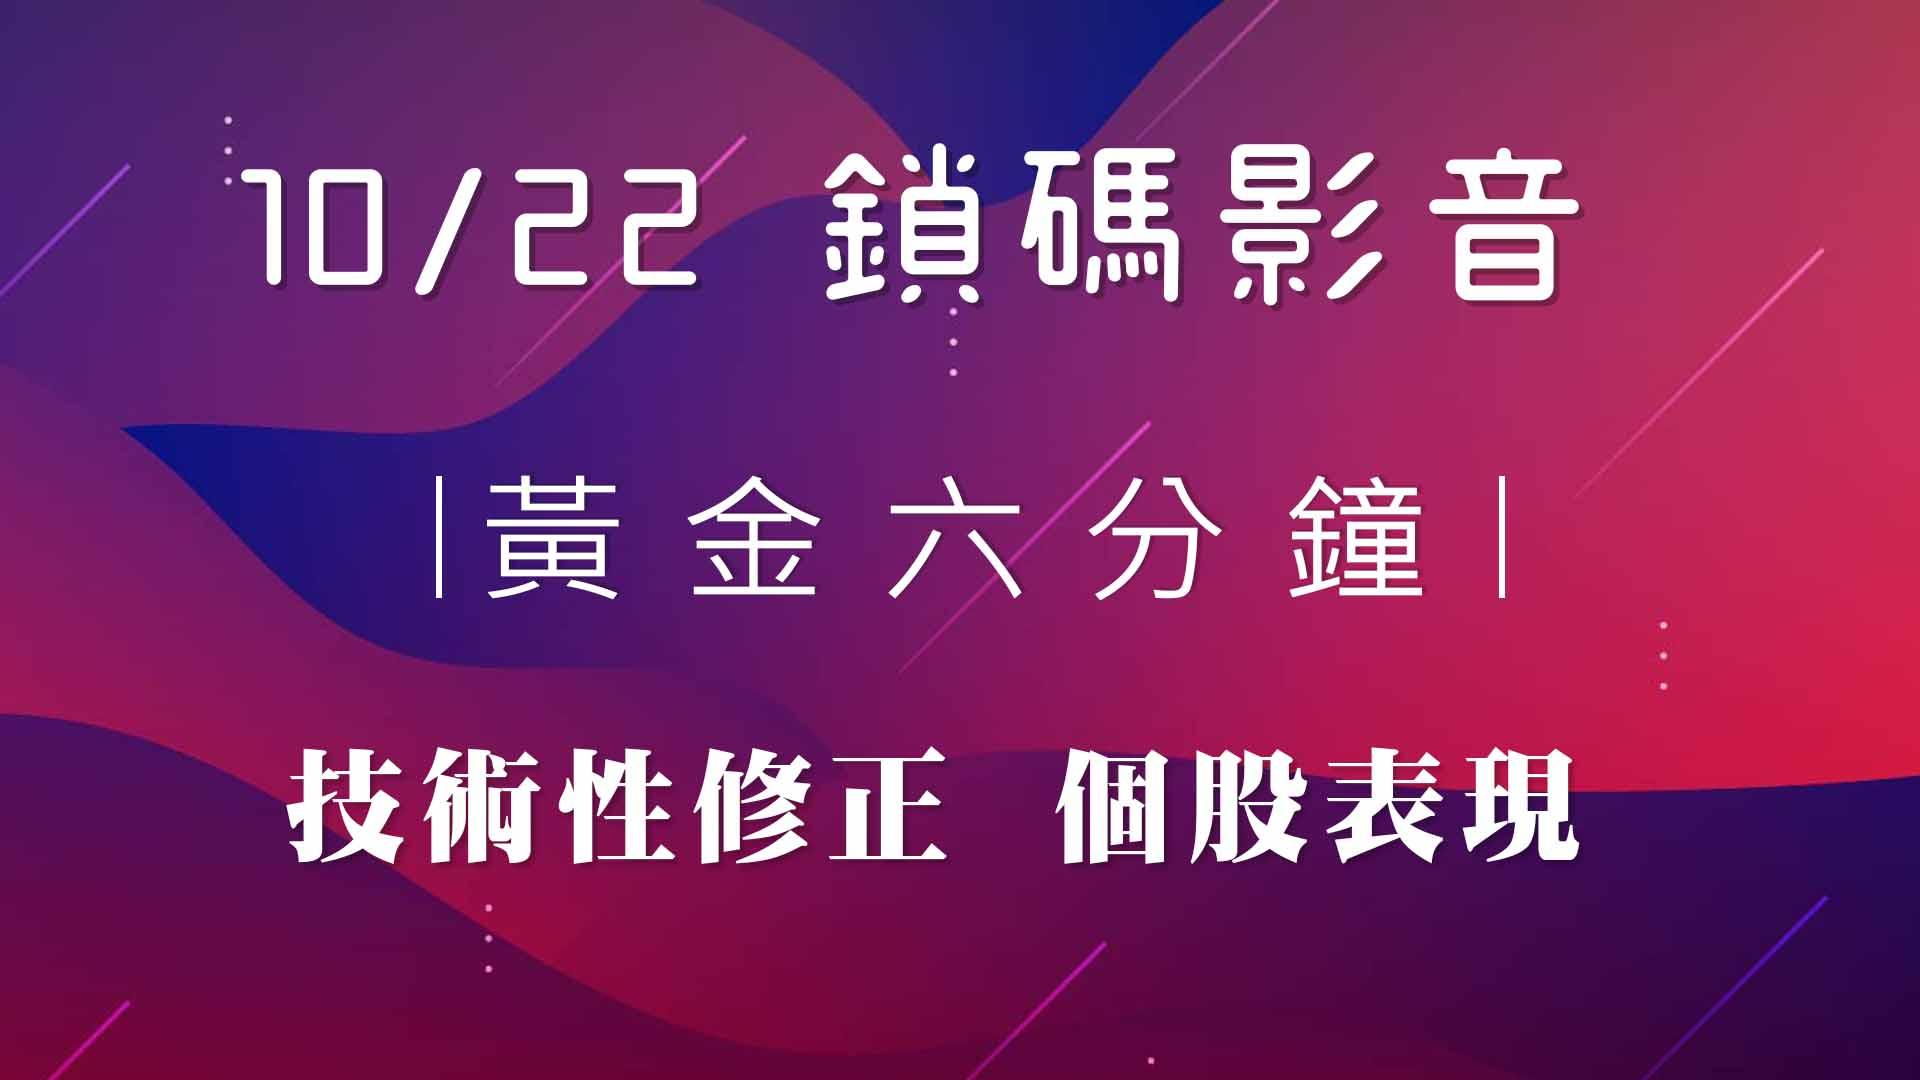 【王曈2021/10/22】鎖碼影音(試看)